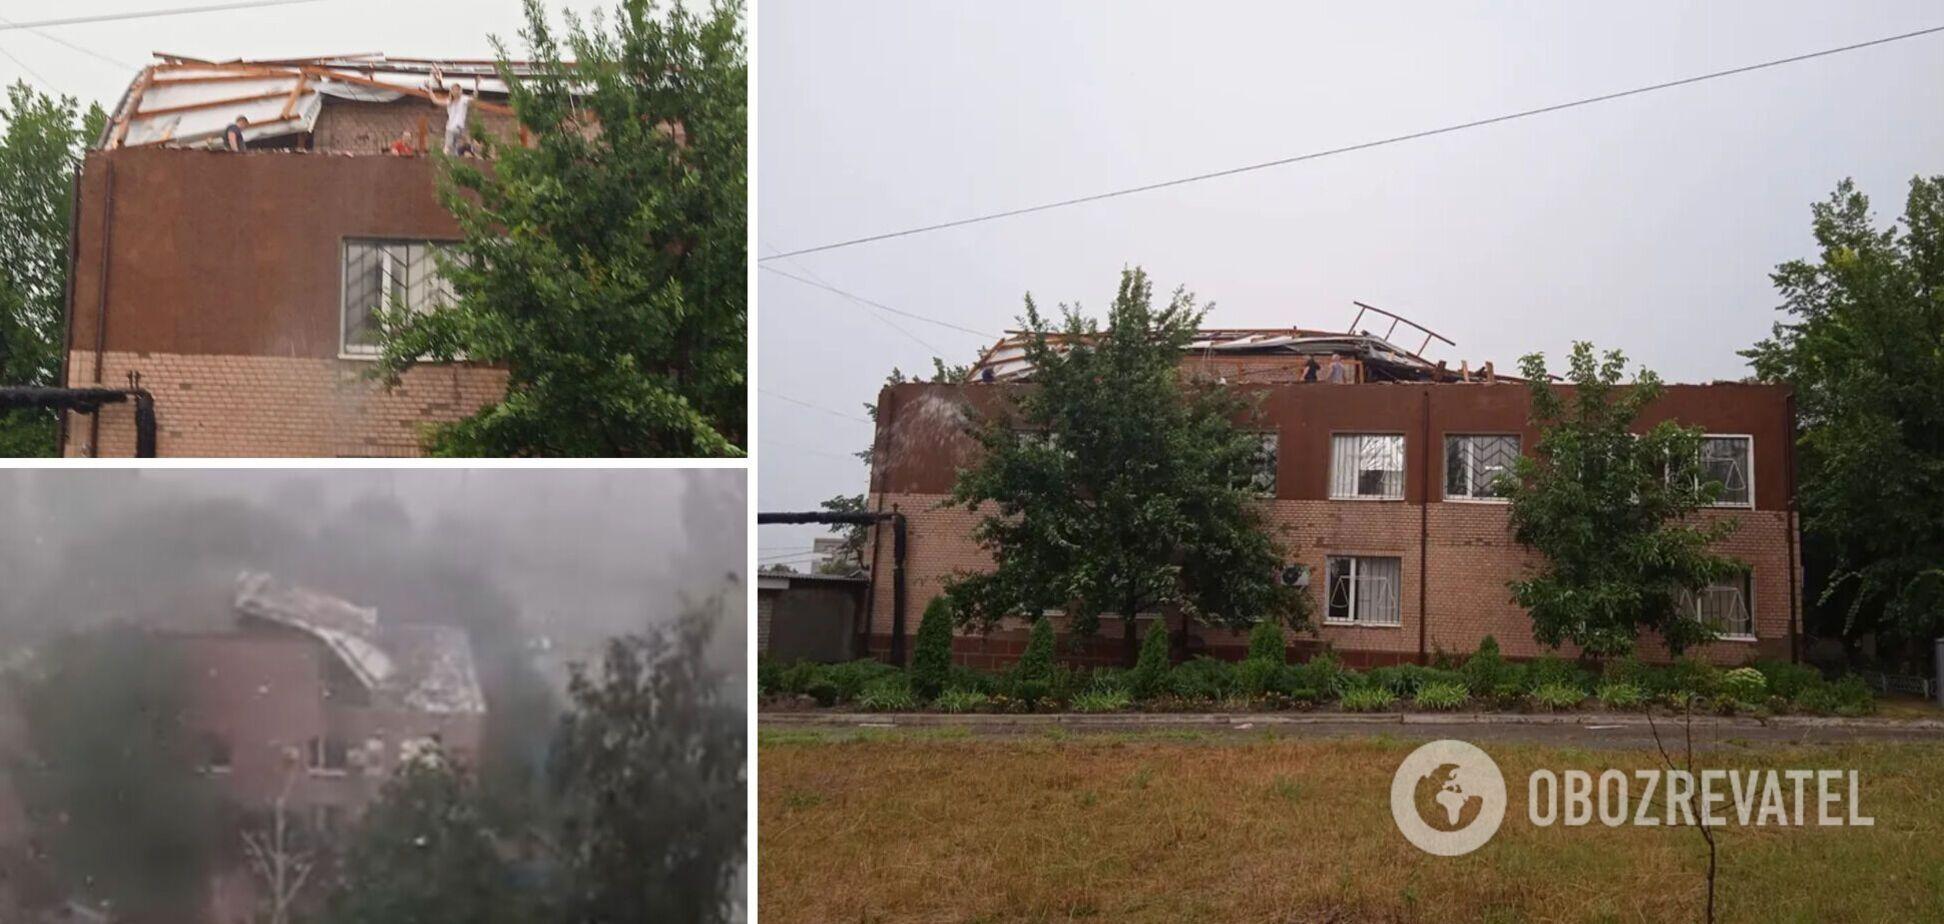 Ураган сорвал крышу суда в Первомайске: документы разлетелись по улице. Фото и видео